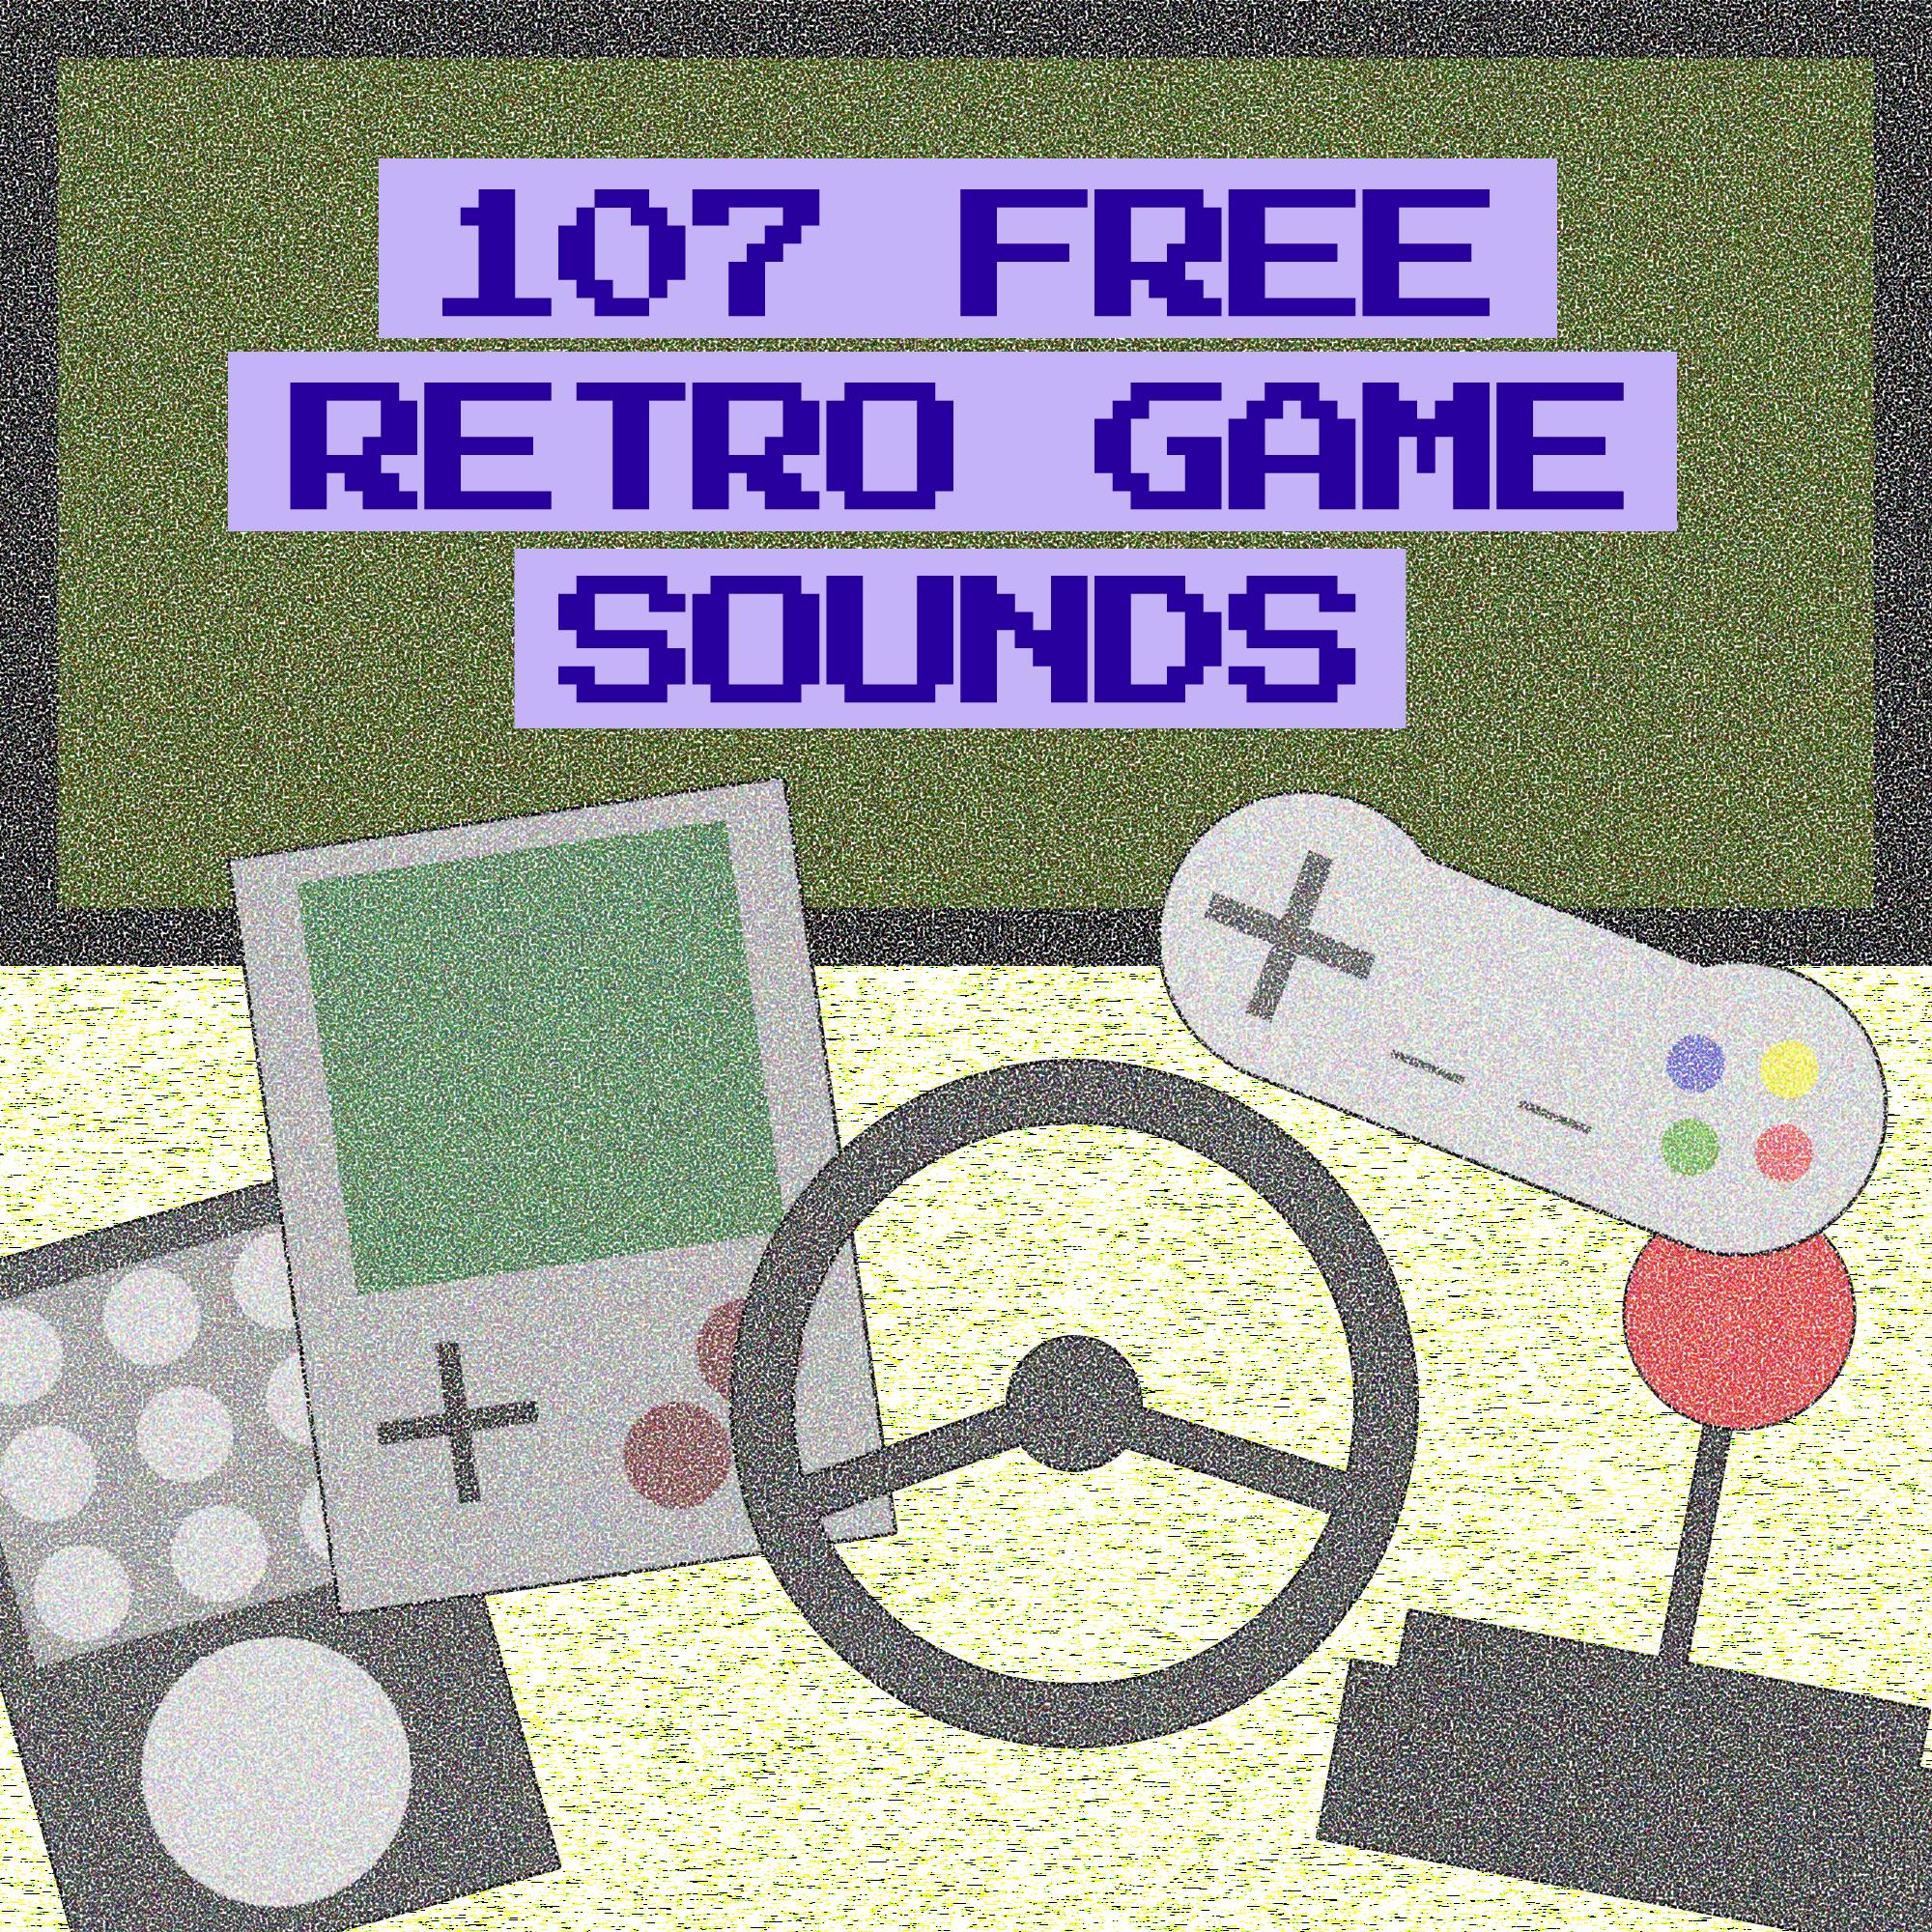 107 Free Retro Game Sounds